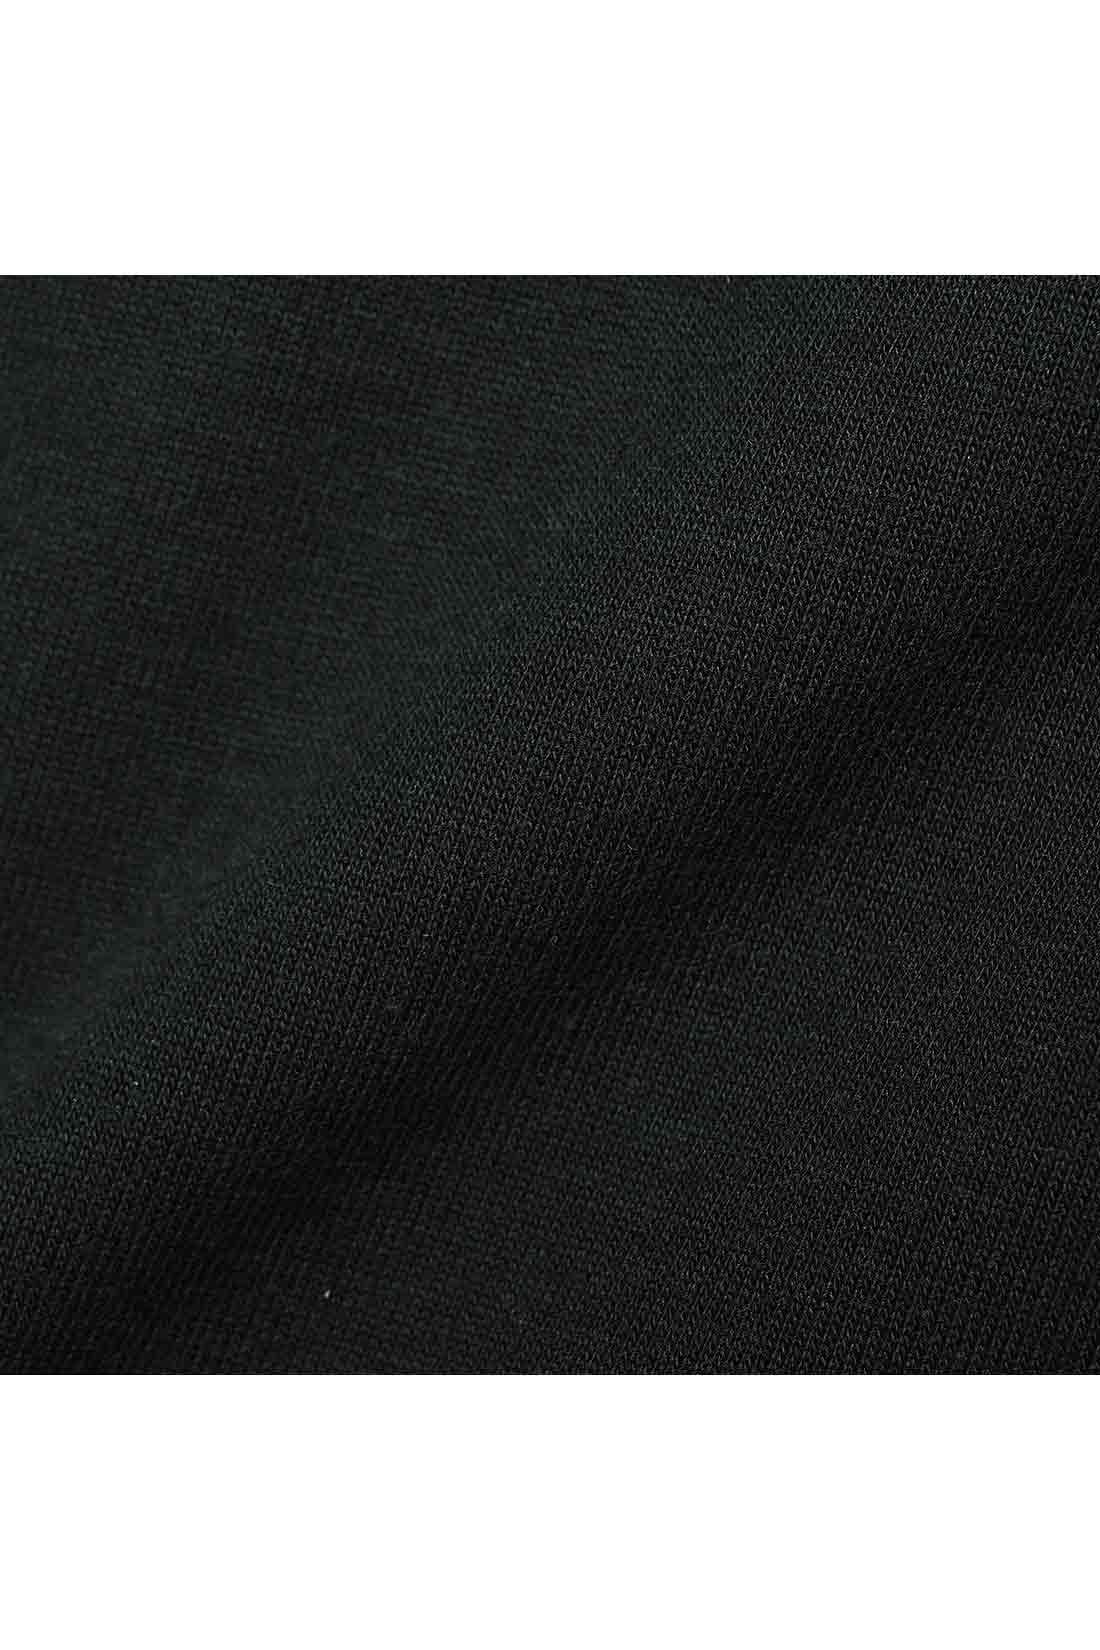 心地よくてほどよく肉厚 内布はやわらかな綿カットソー。表側の素材はほどよく肉厚で、表面感もきれいな仕上がり。